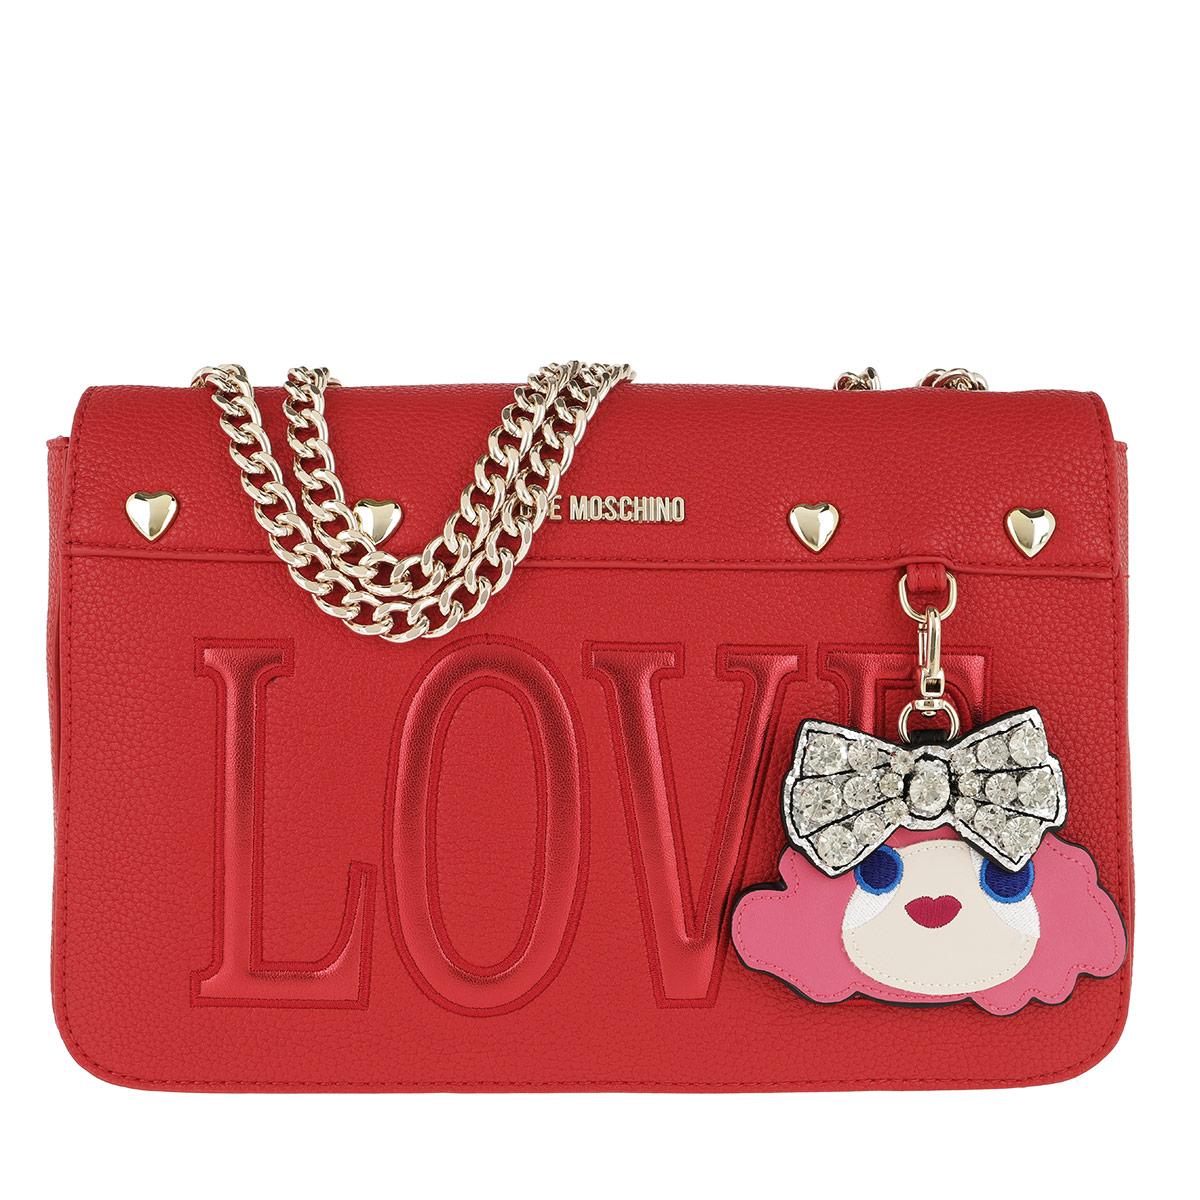 Love Moschino Umhängetasche - Pebble Pu Chain Crossbody Bag Rosso - in rot - für Damen